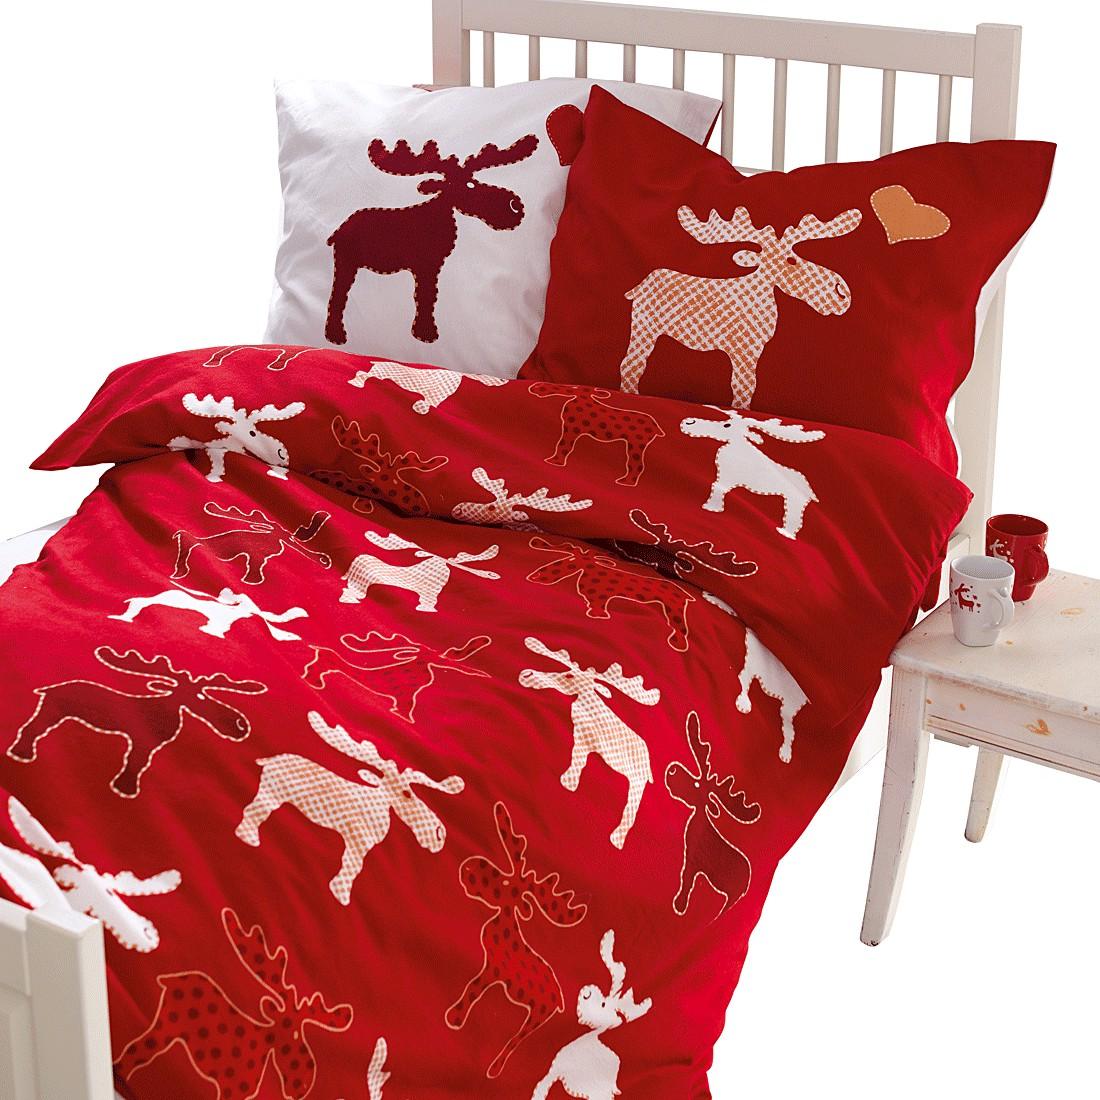 Bettwäsche Norbert – Baumwolle – Rot/Weiß, PureDay online bestellen